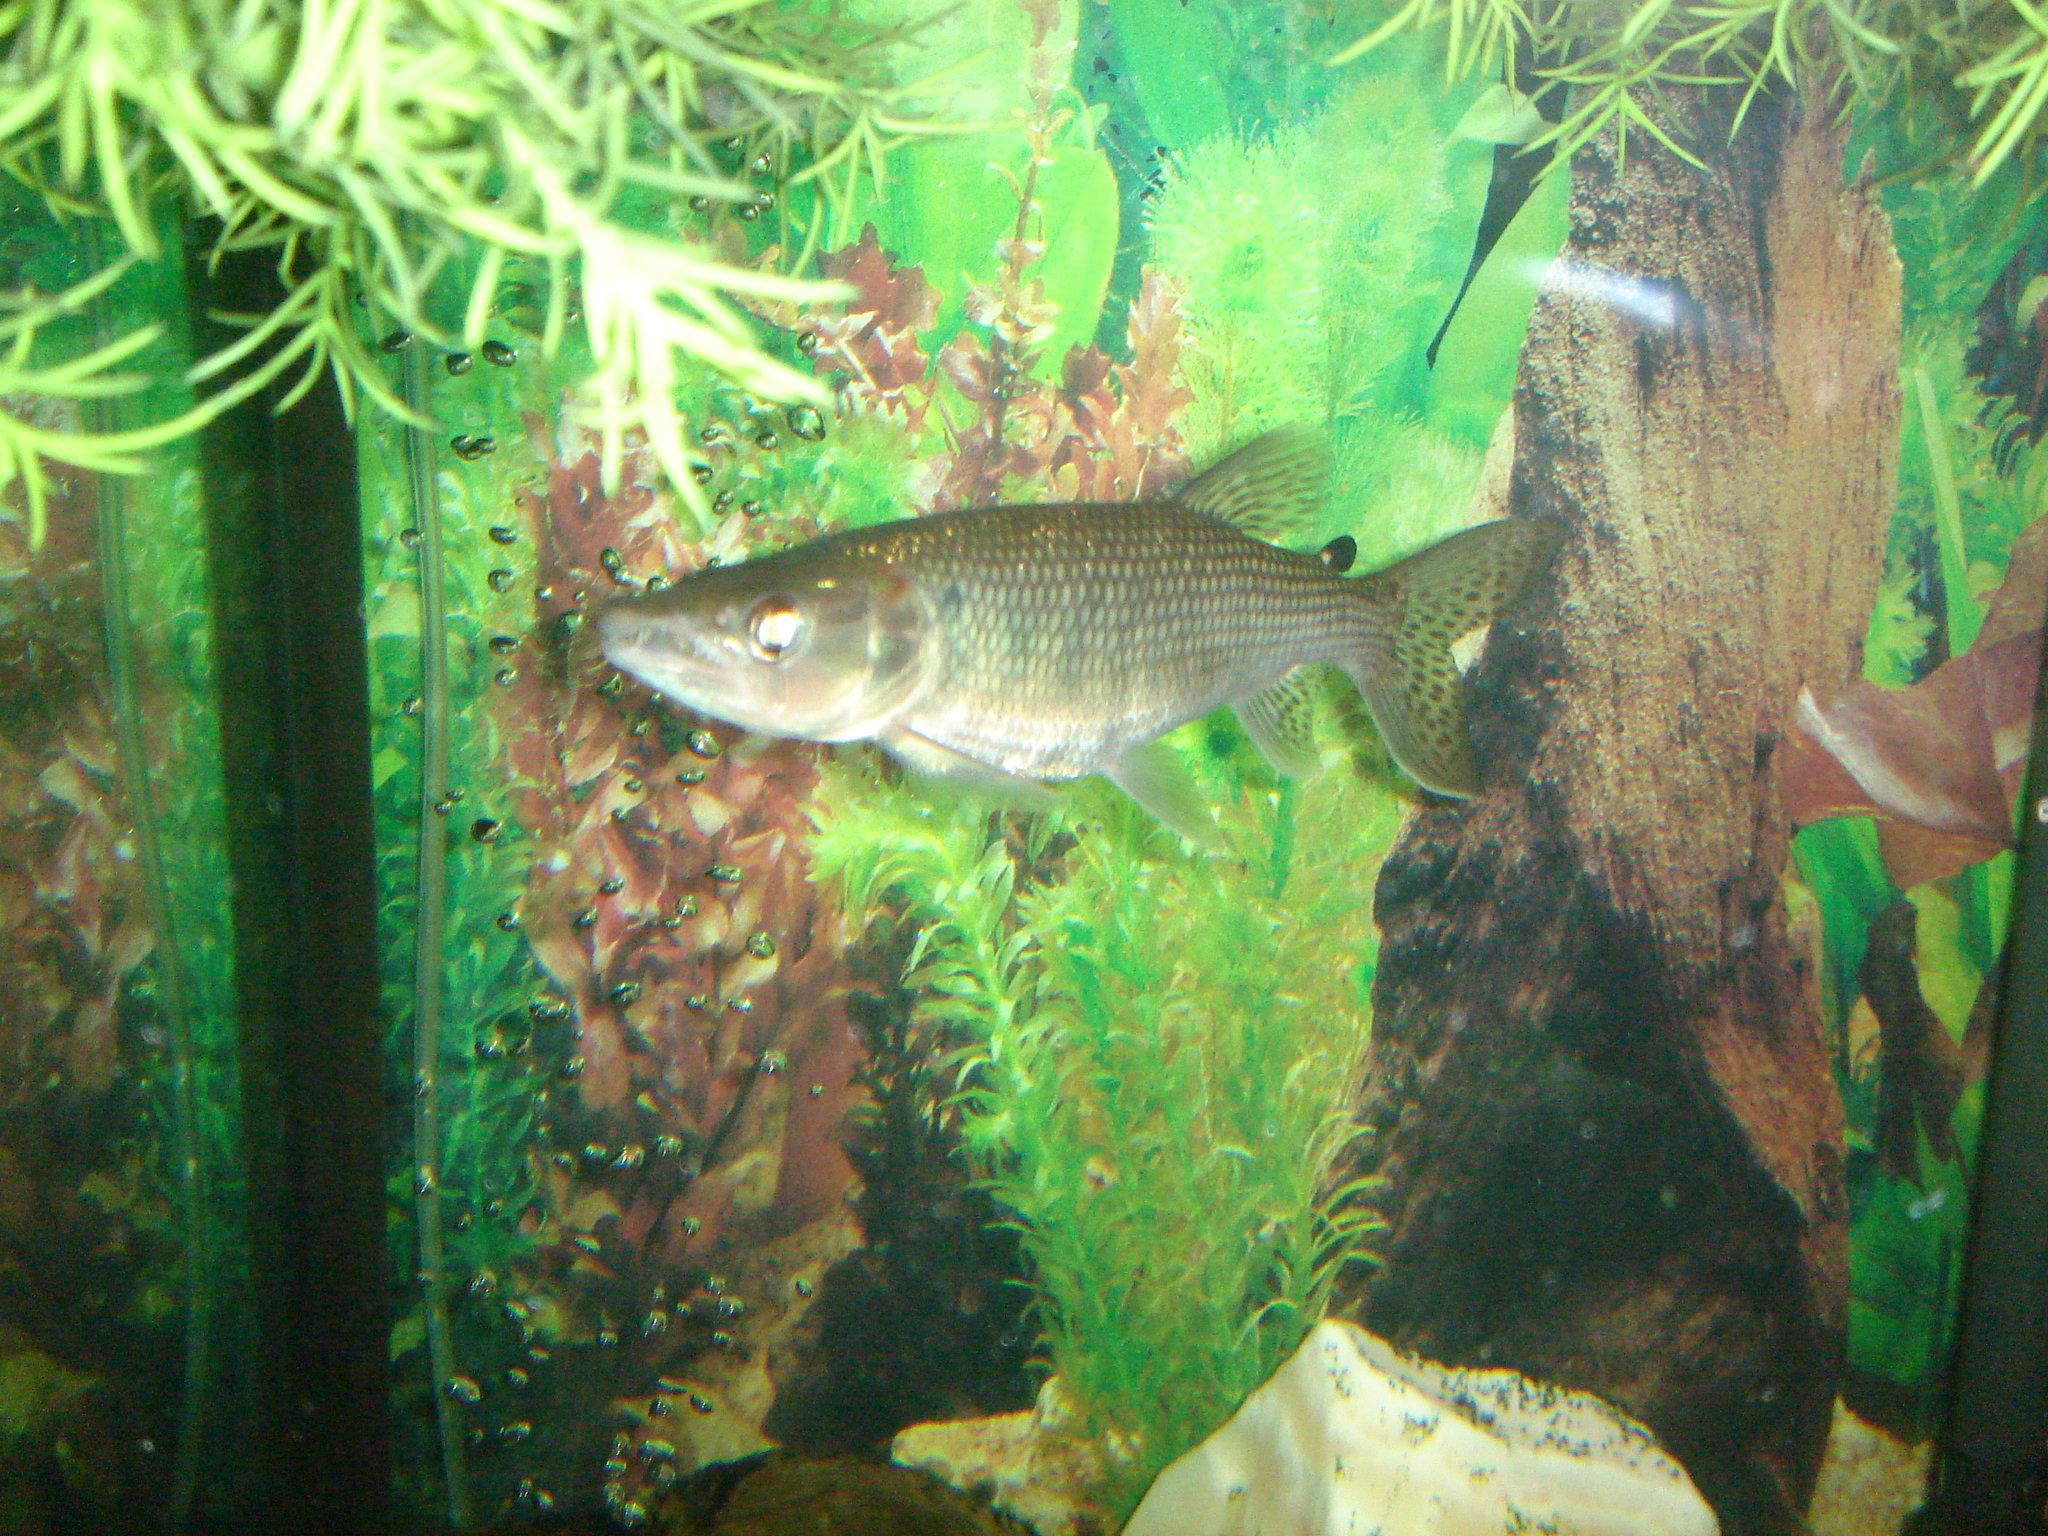 cichlids.com: Red tail barracuda